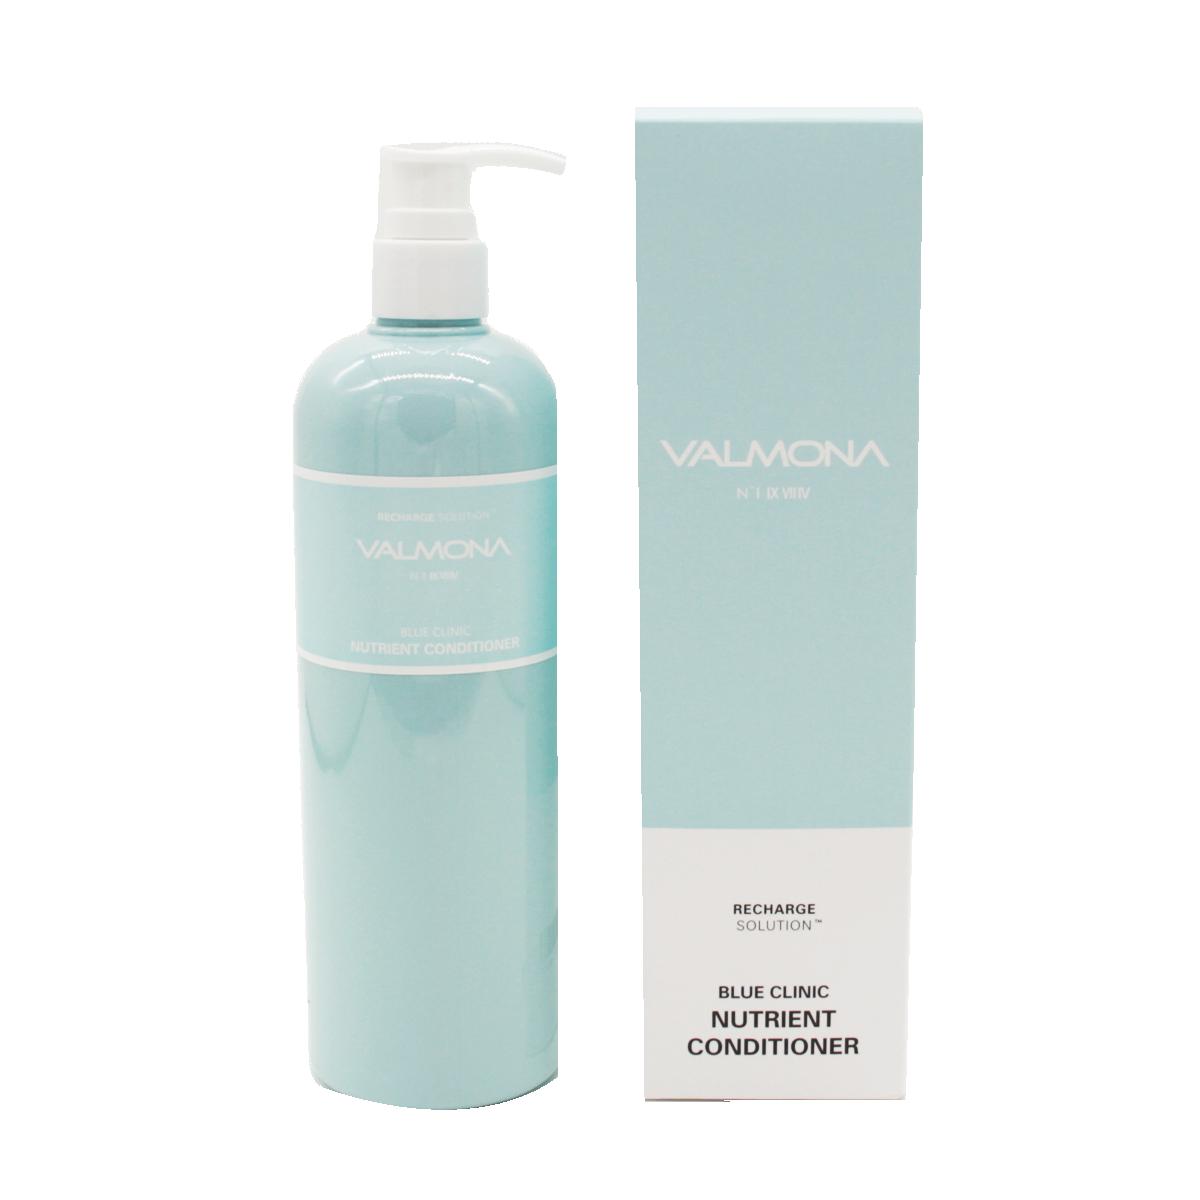 Кондиционер для волос увлажнение Valmona Recharge Solution Blue Clinic Nutrient Conditioner 480мл